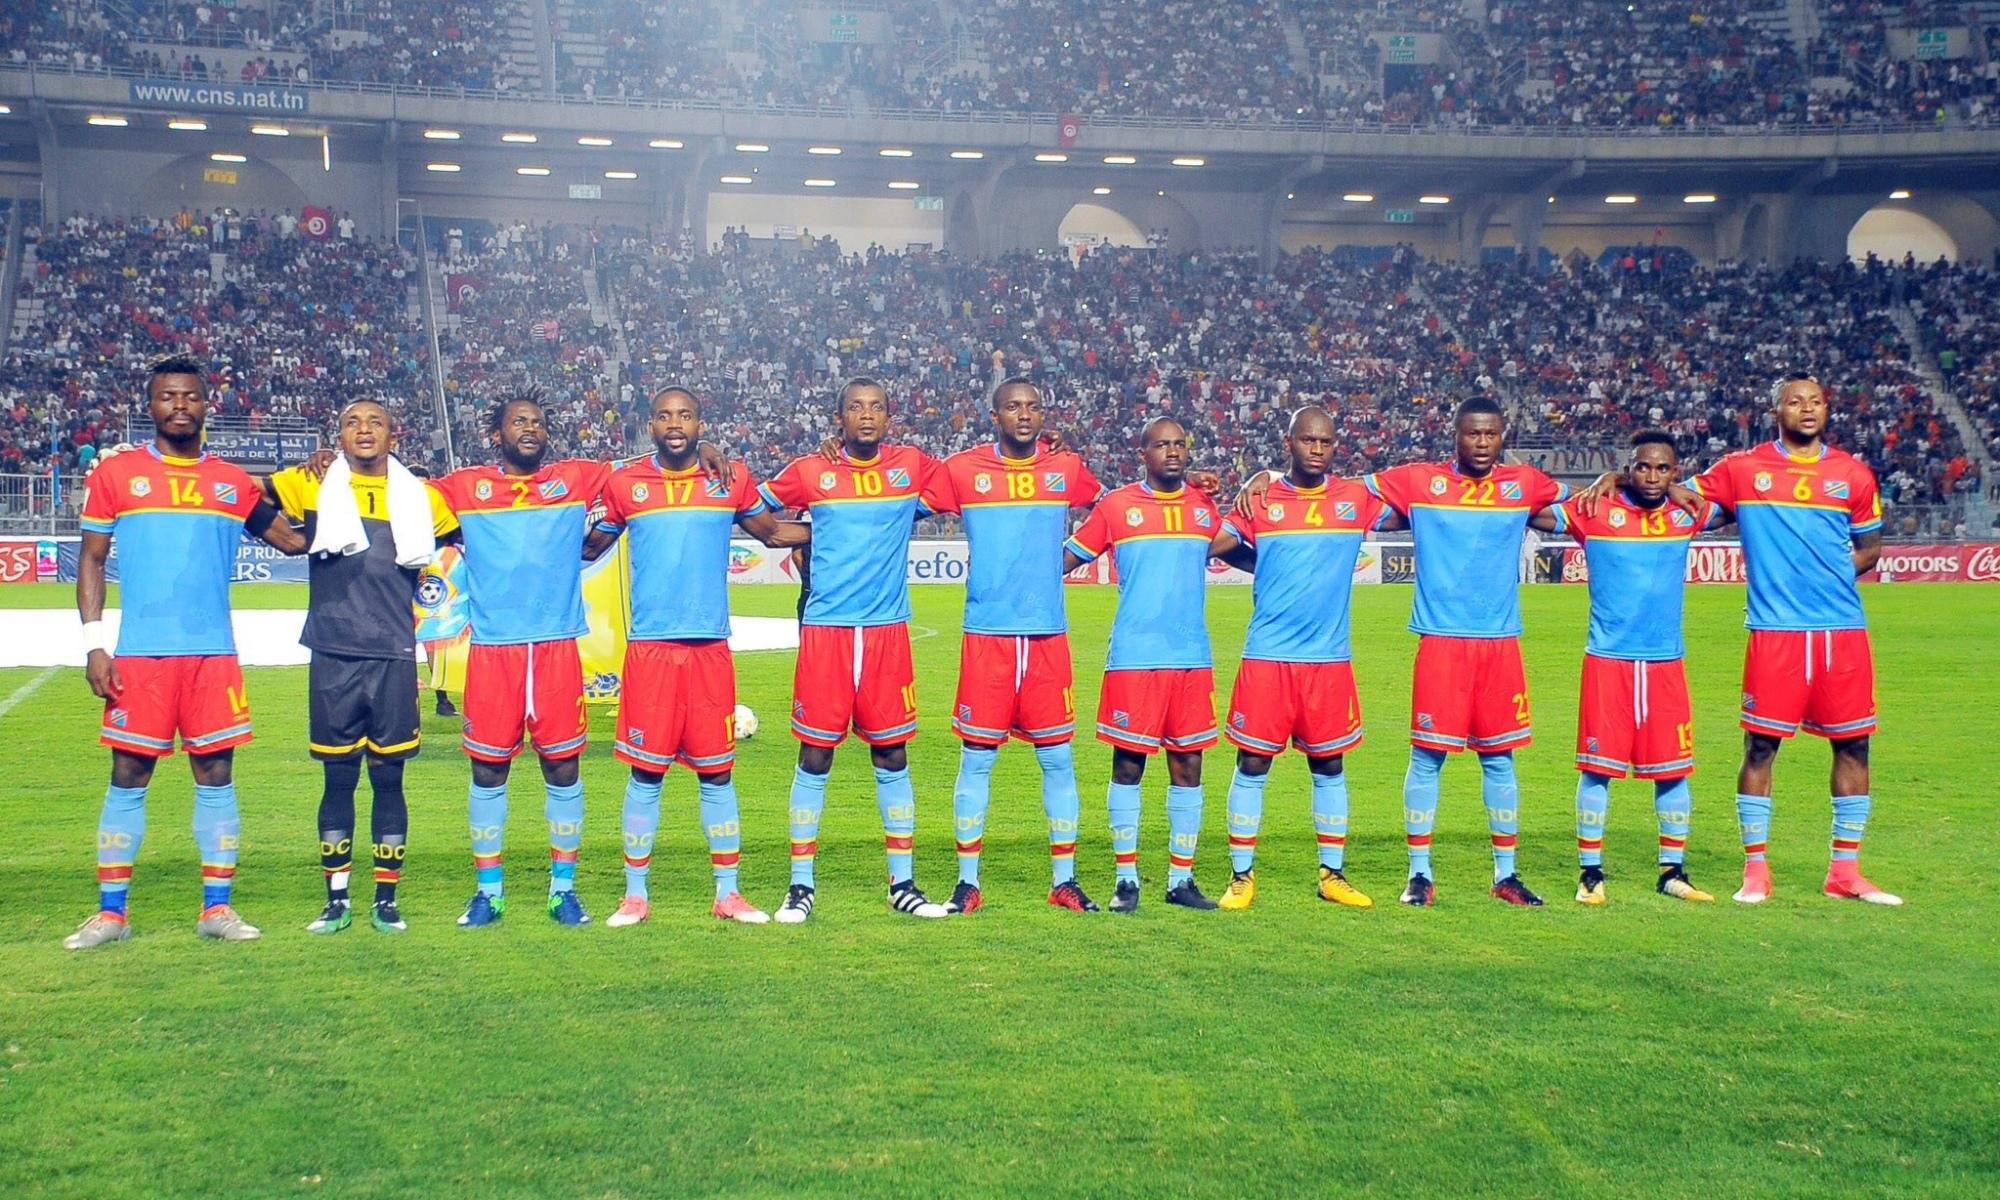 éopard Leader Foot (LLF en sigle) un média sportif dédié au football congolais fondé en 2013. L'actualité du football congolais est détaillée et analysée. Interviews, reportages et rubriques divers et variés sont au programme.